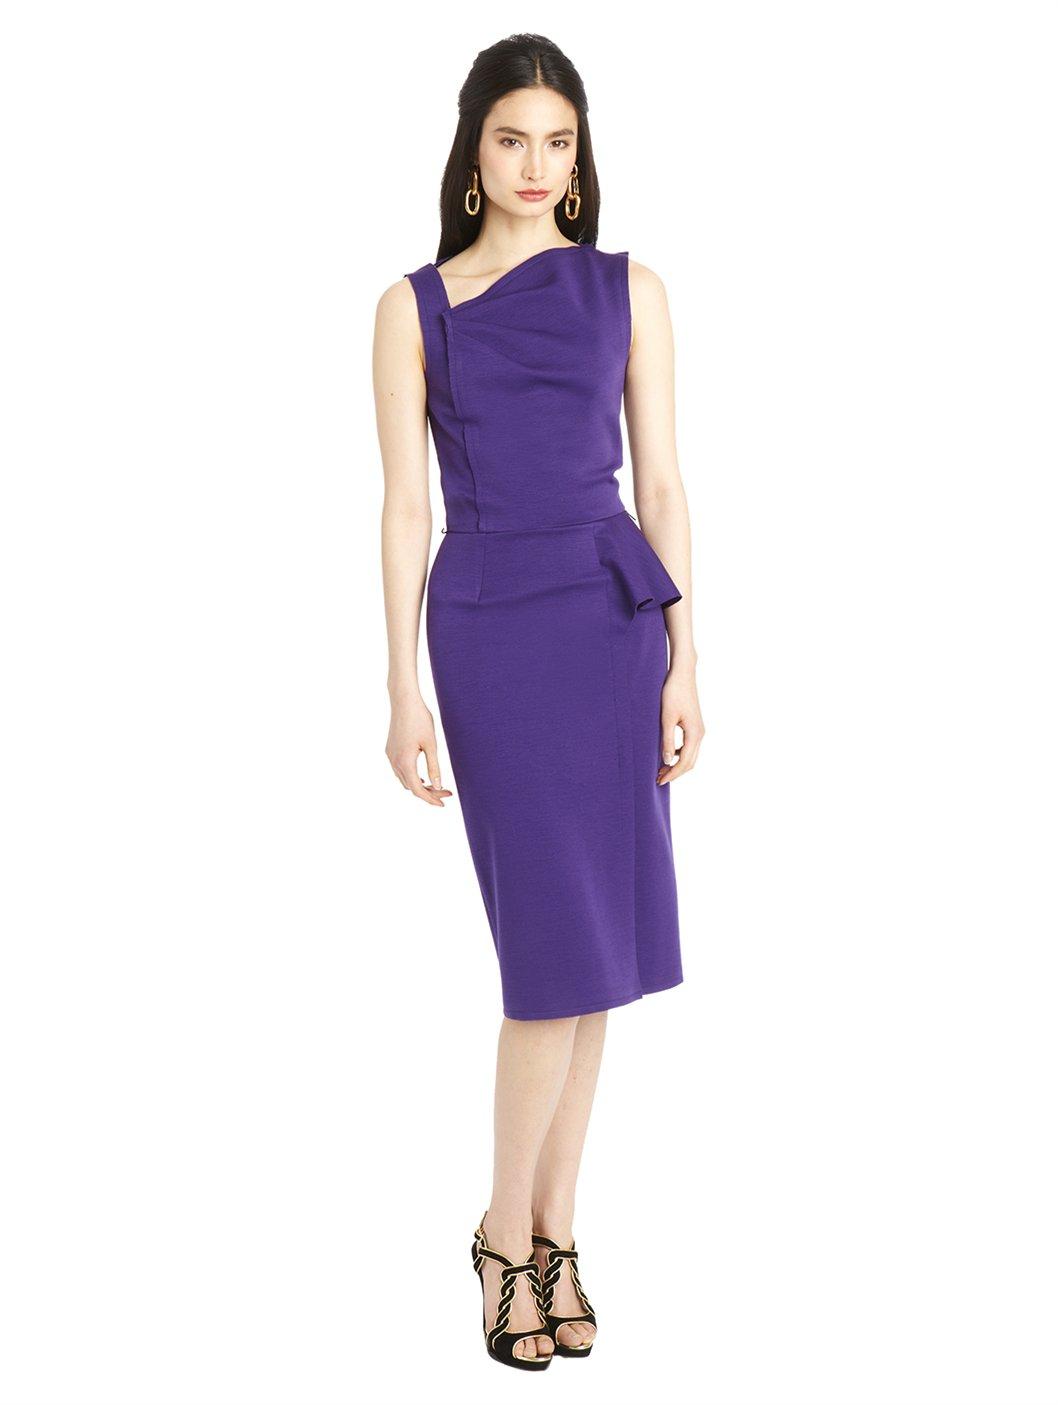 Lyst - Oscar De La Renta Ottoman Jersey Pencil Dress in Purple